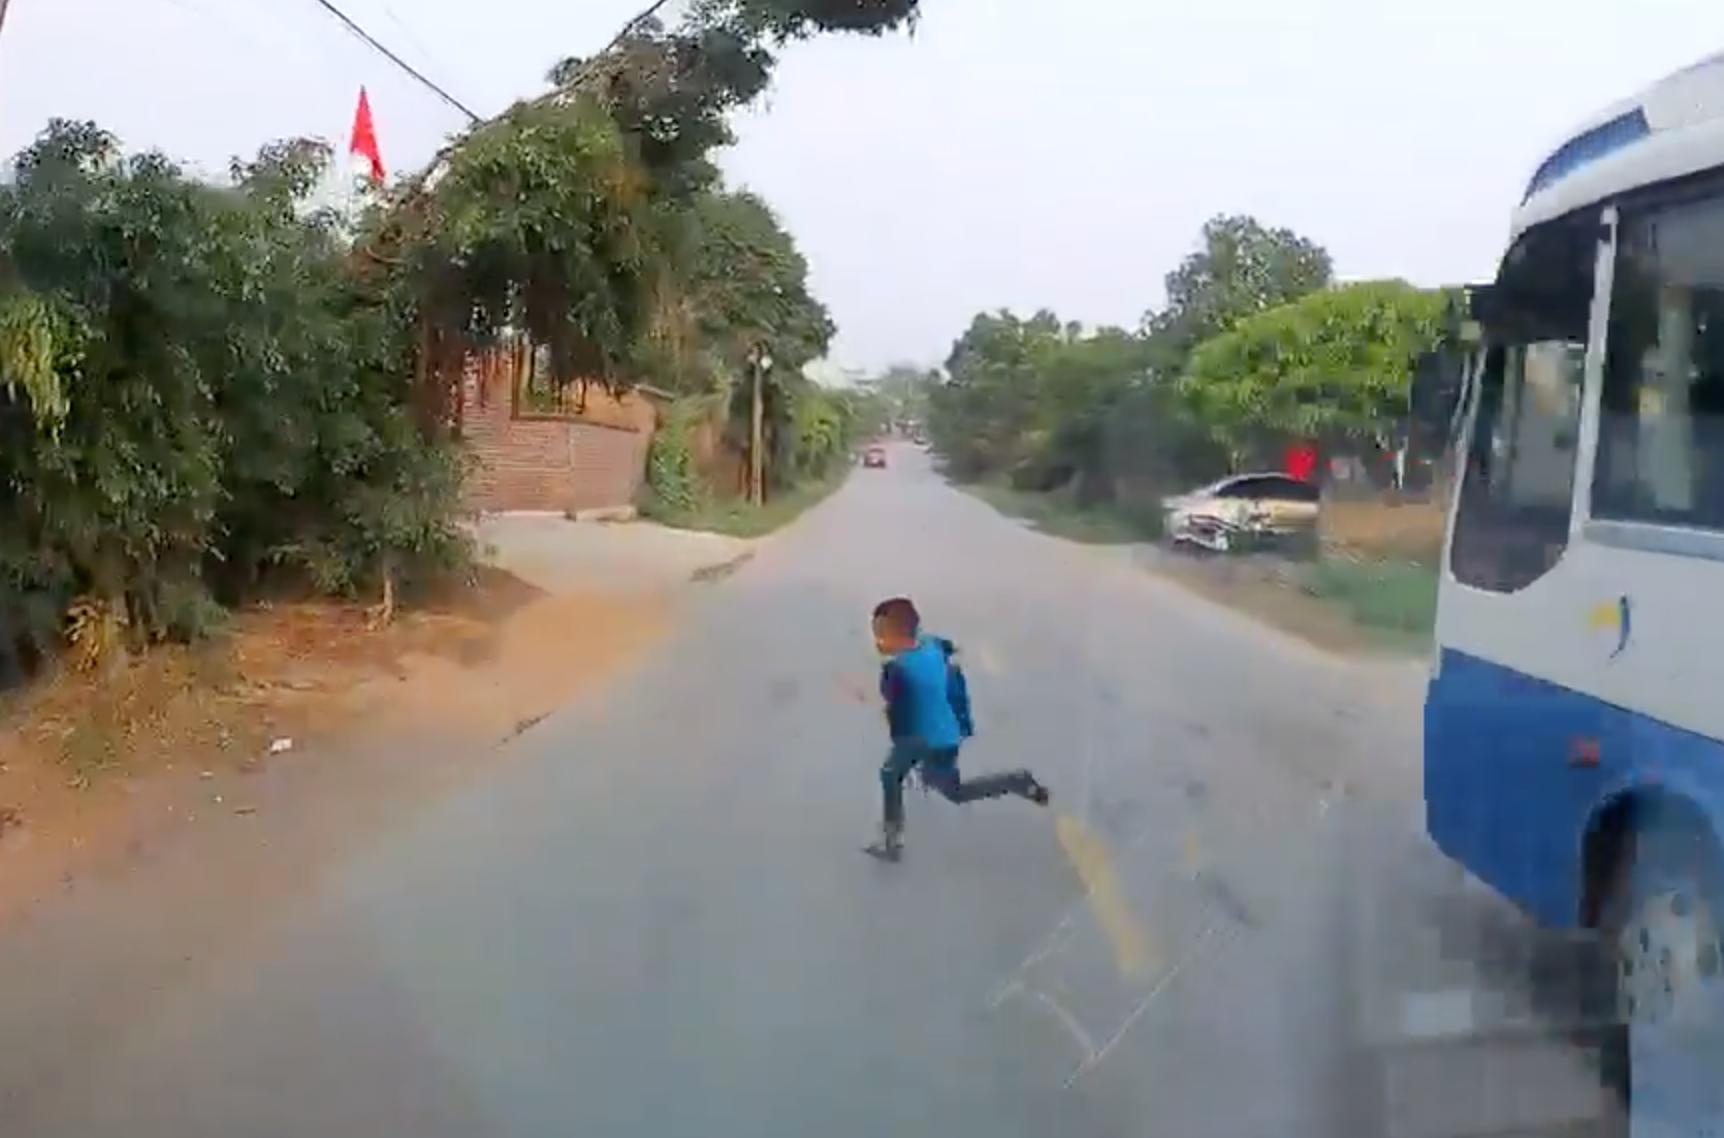 Khoảnh khắc bé trai băng qua đường ngay trước đầu ô tô (Ảnh cắt từ clip)